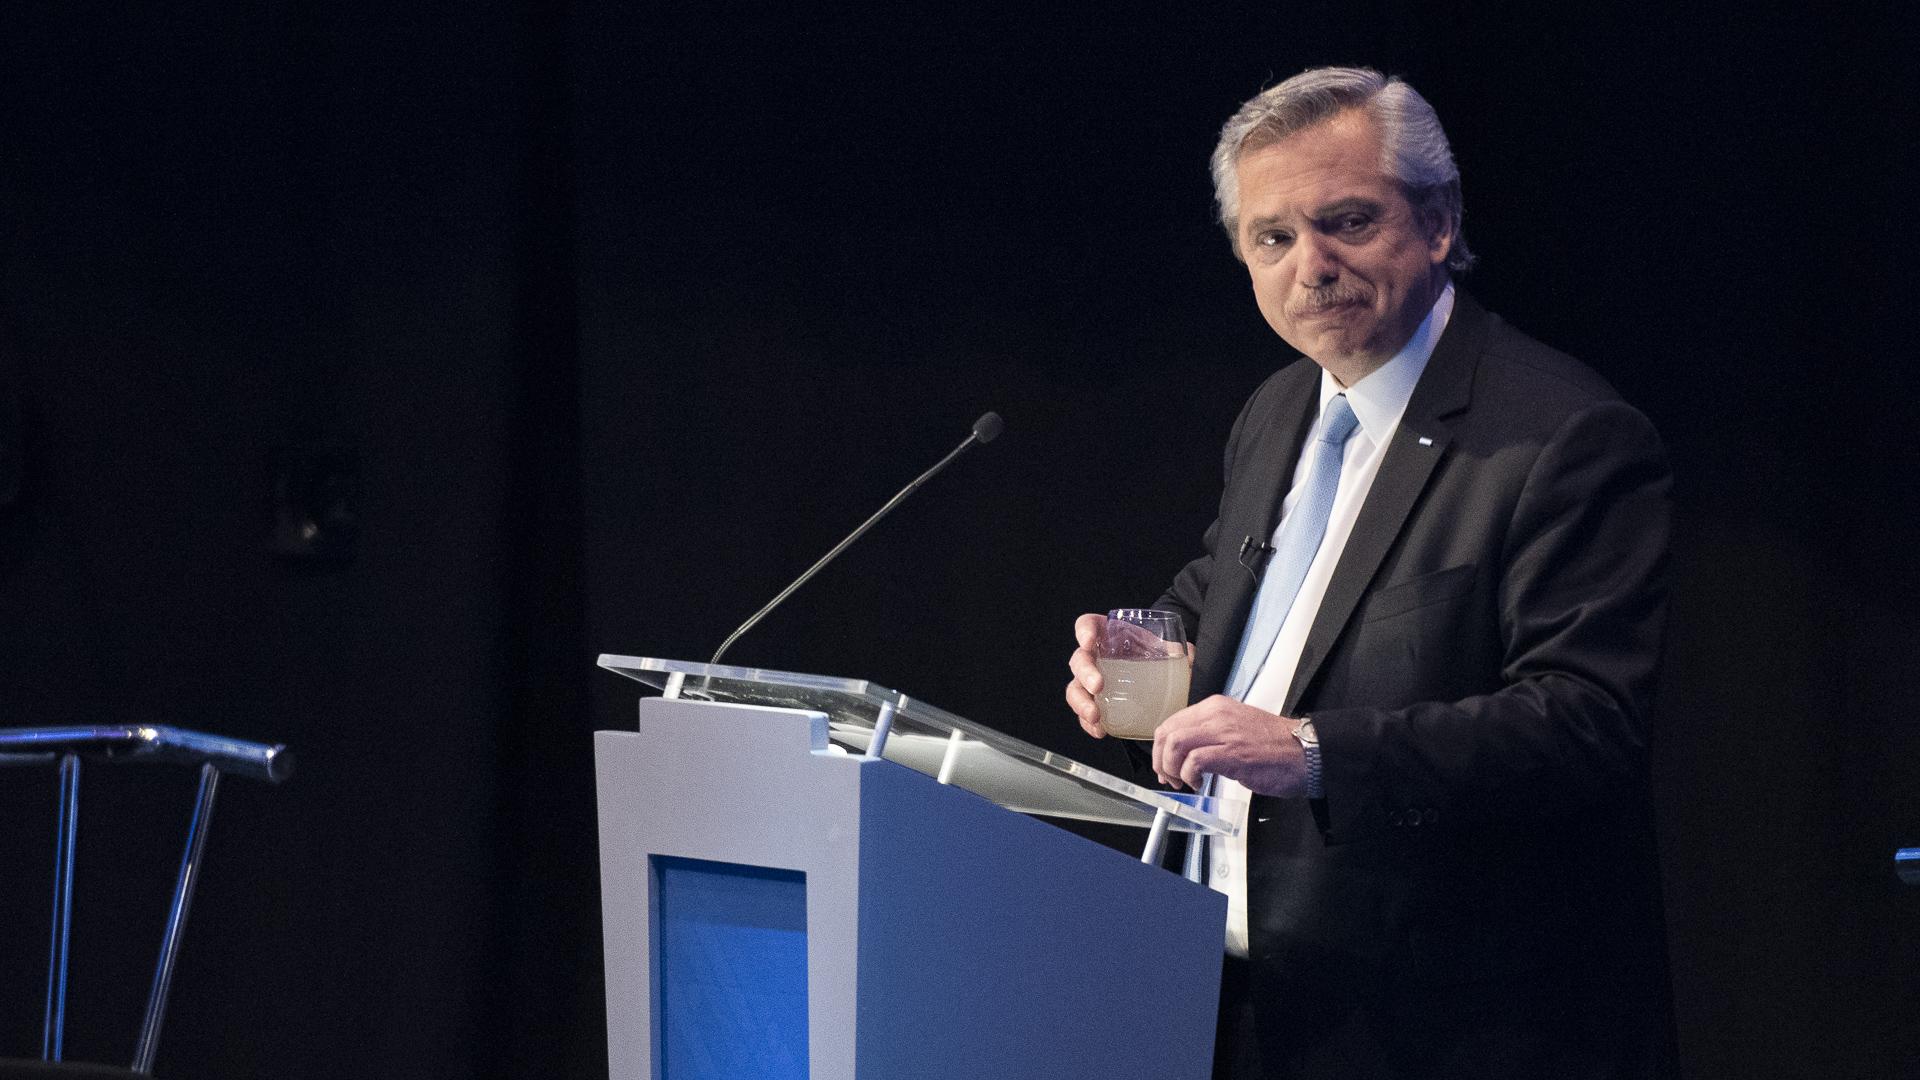 El candidato a presidente del Frente de Todos, Alberto Fernández